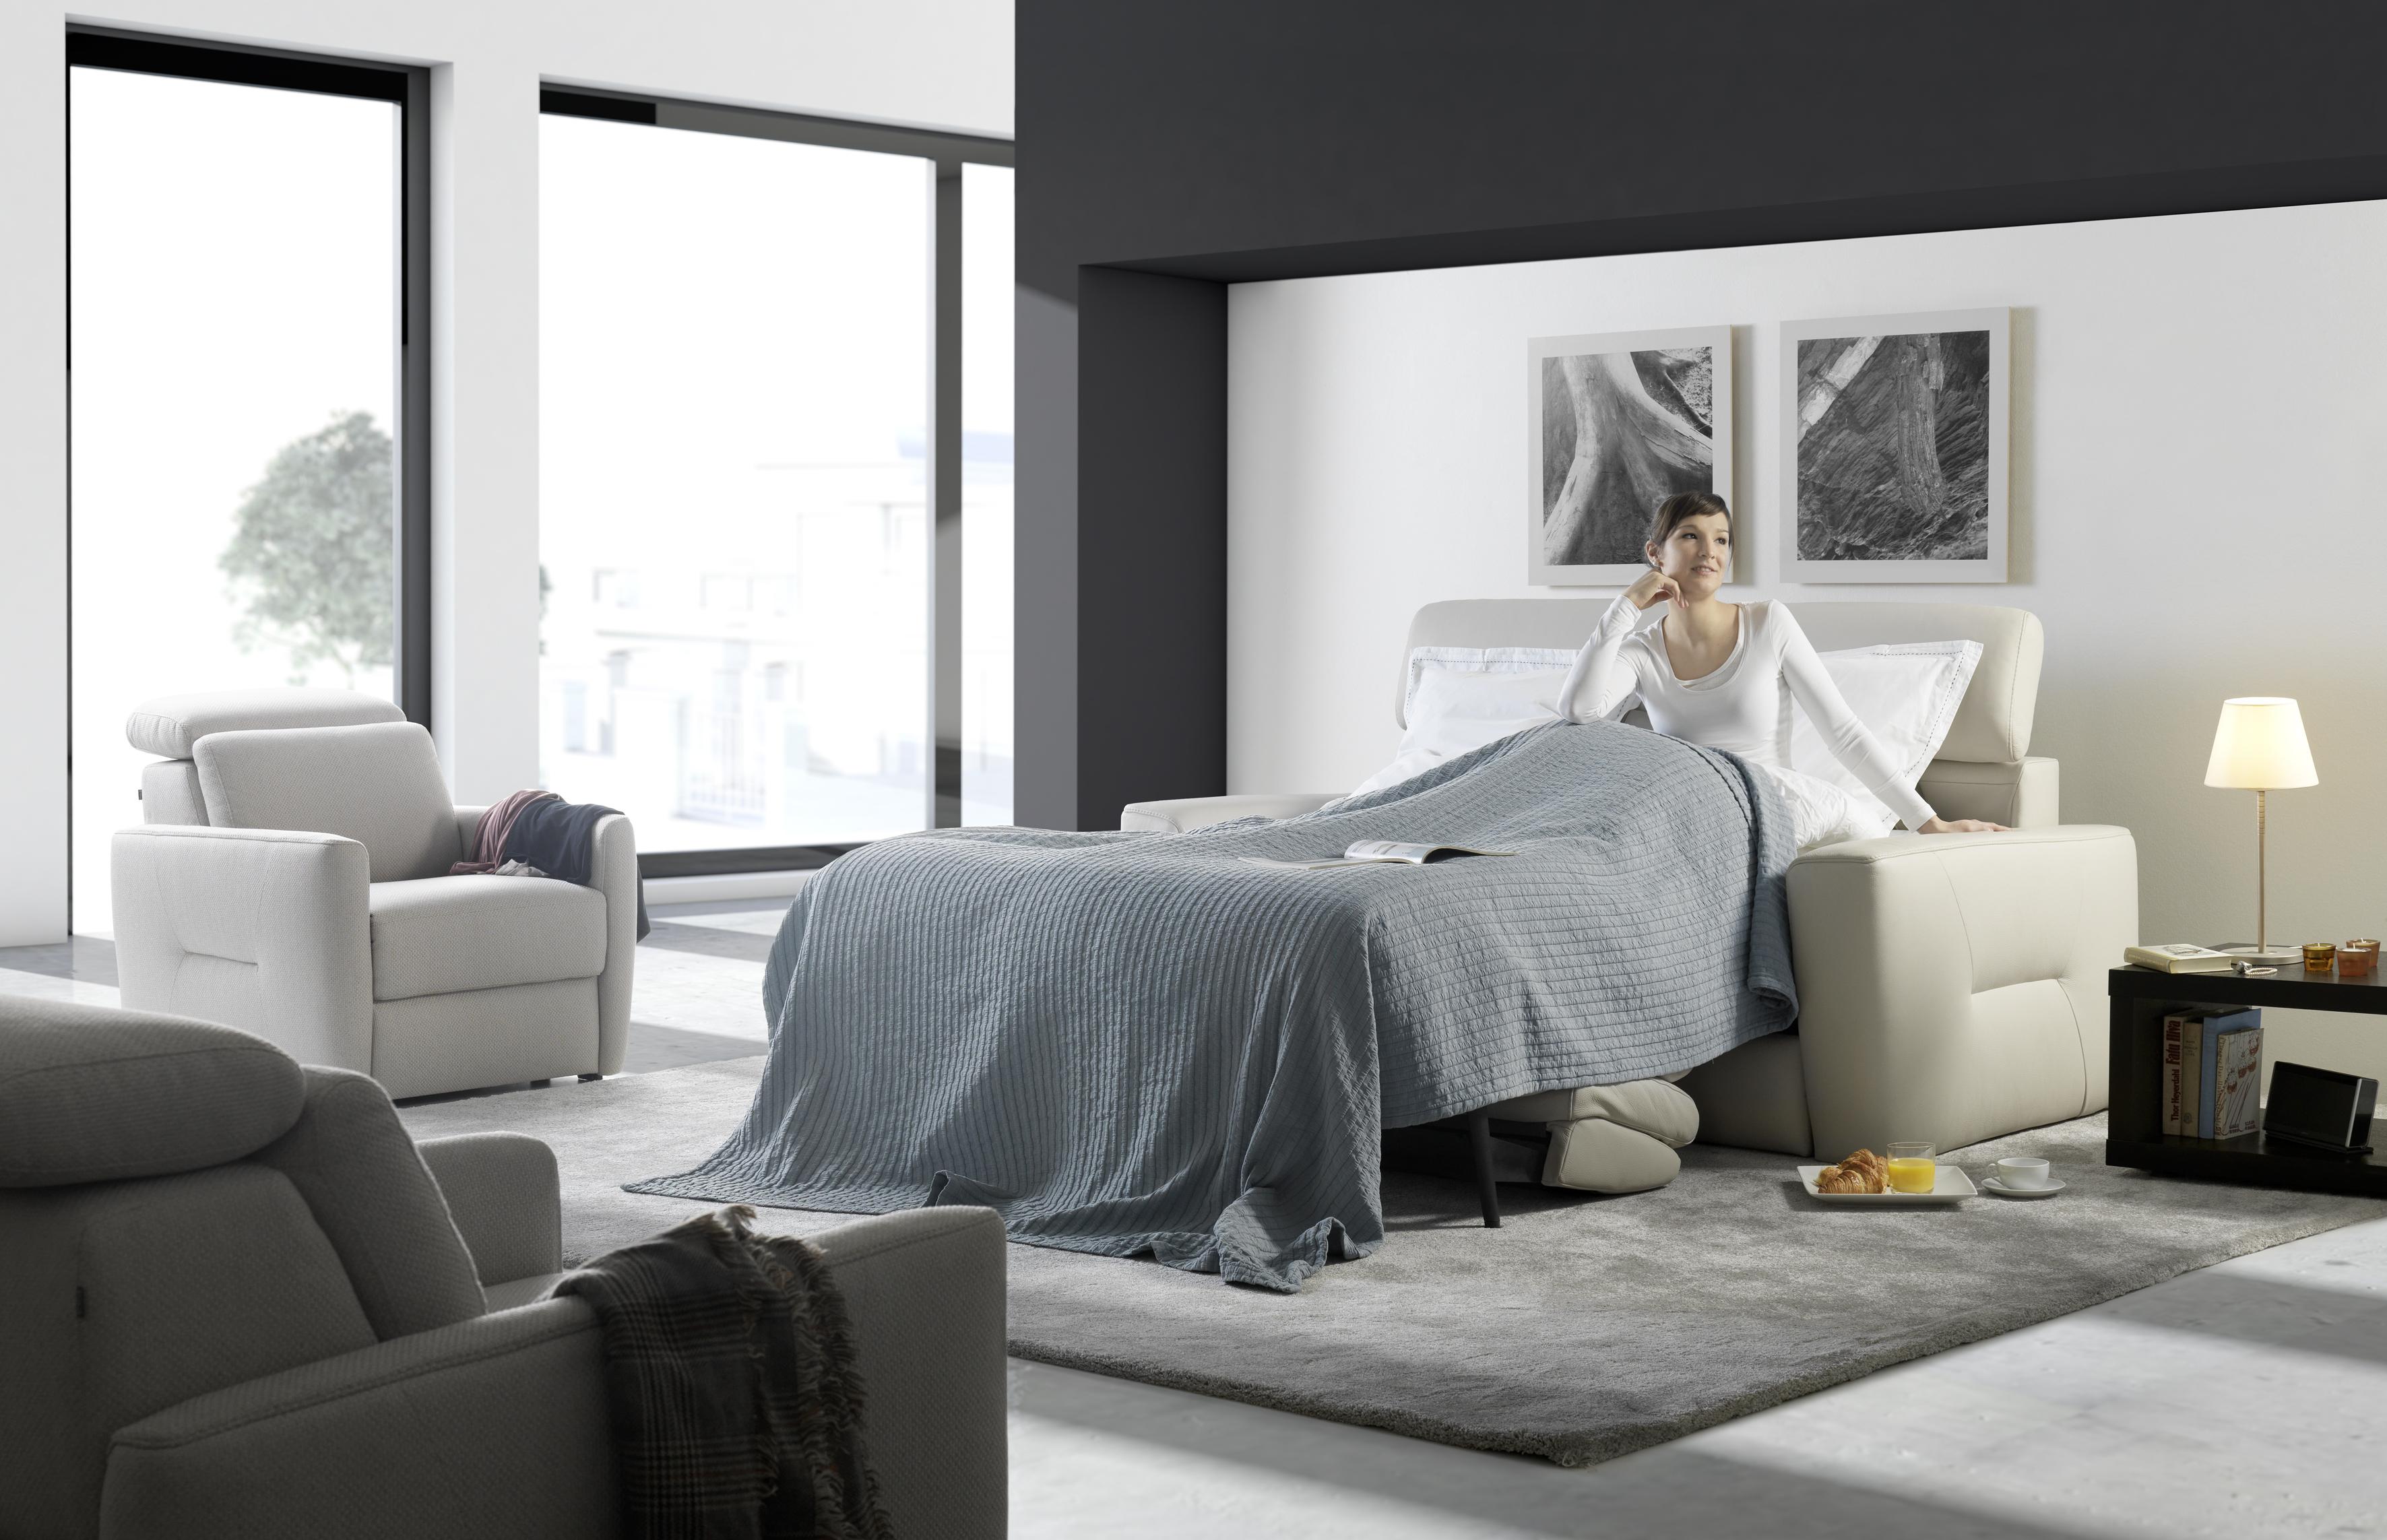 Ol ron meubles atria ol ron meubles for Meubles oleron